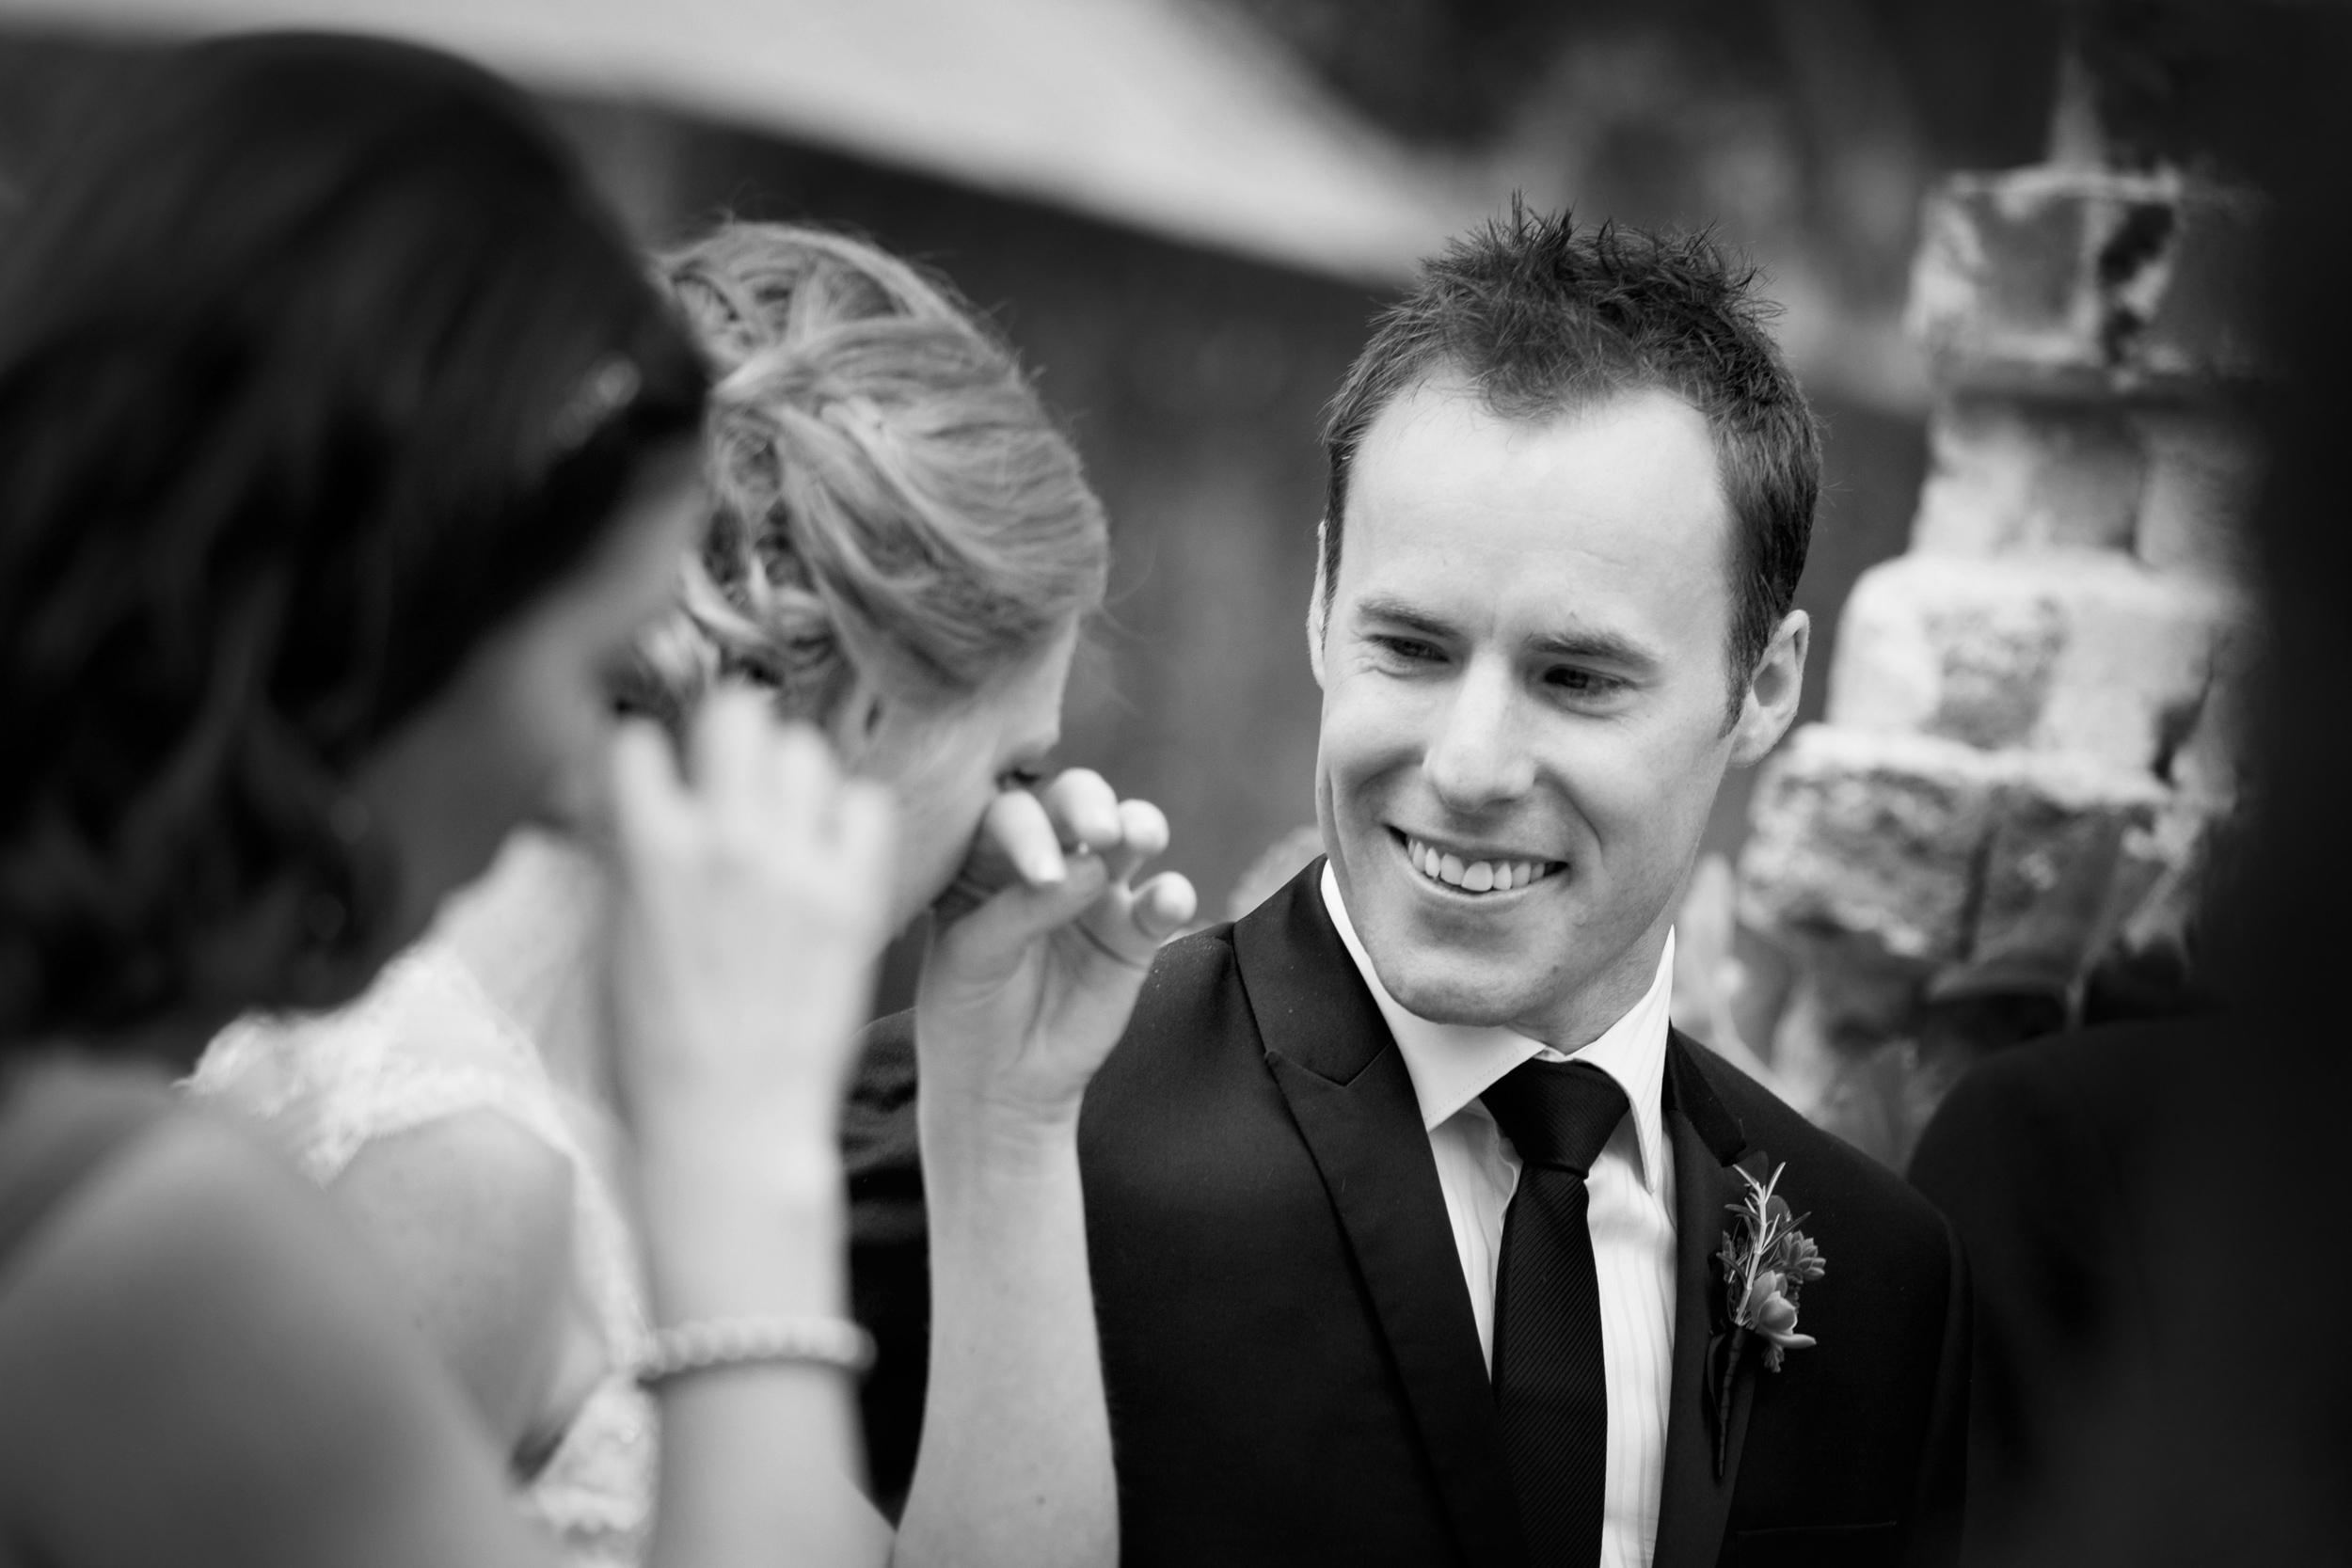 euroa_butter_factory_wedding_photography_67.jpg